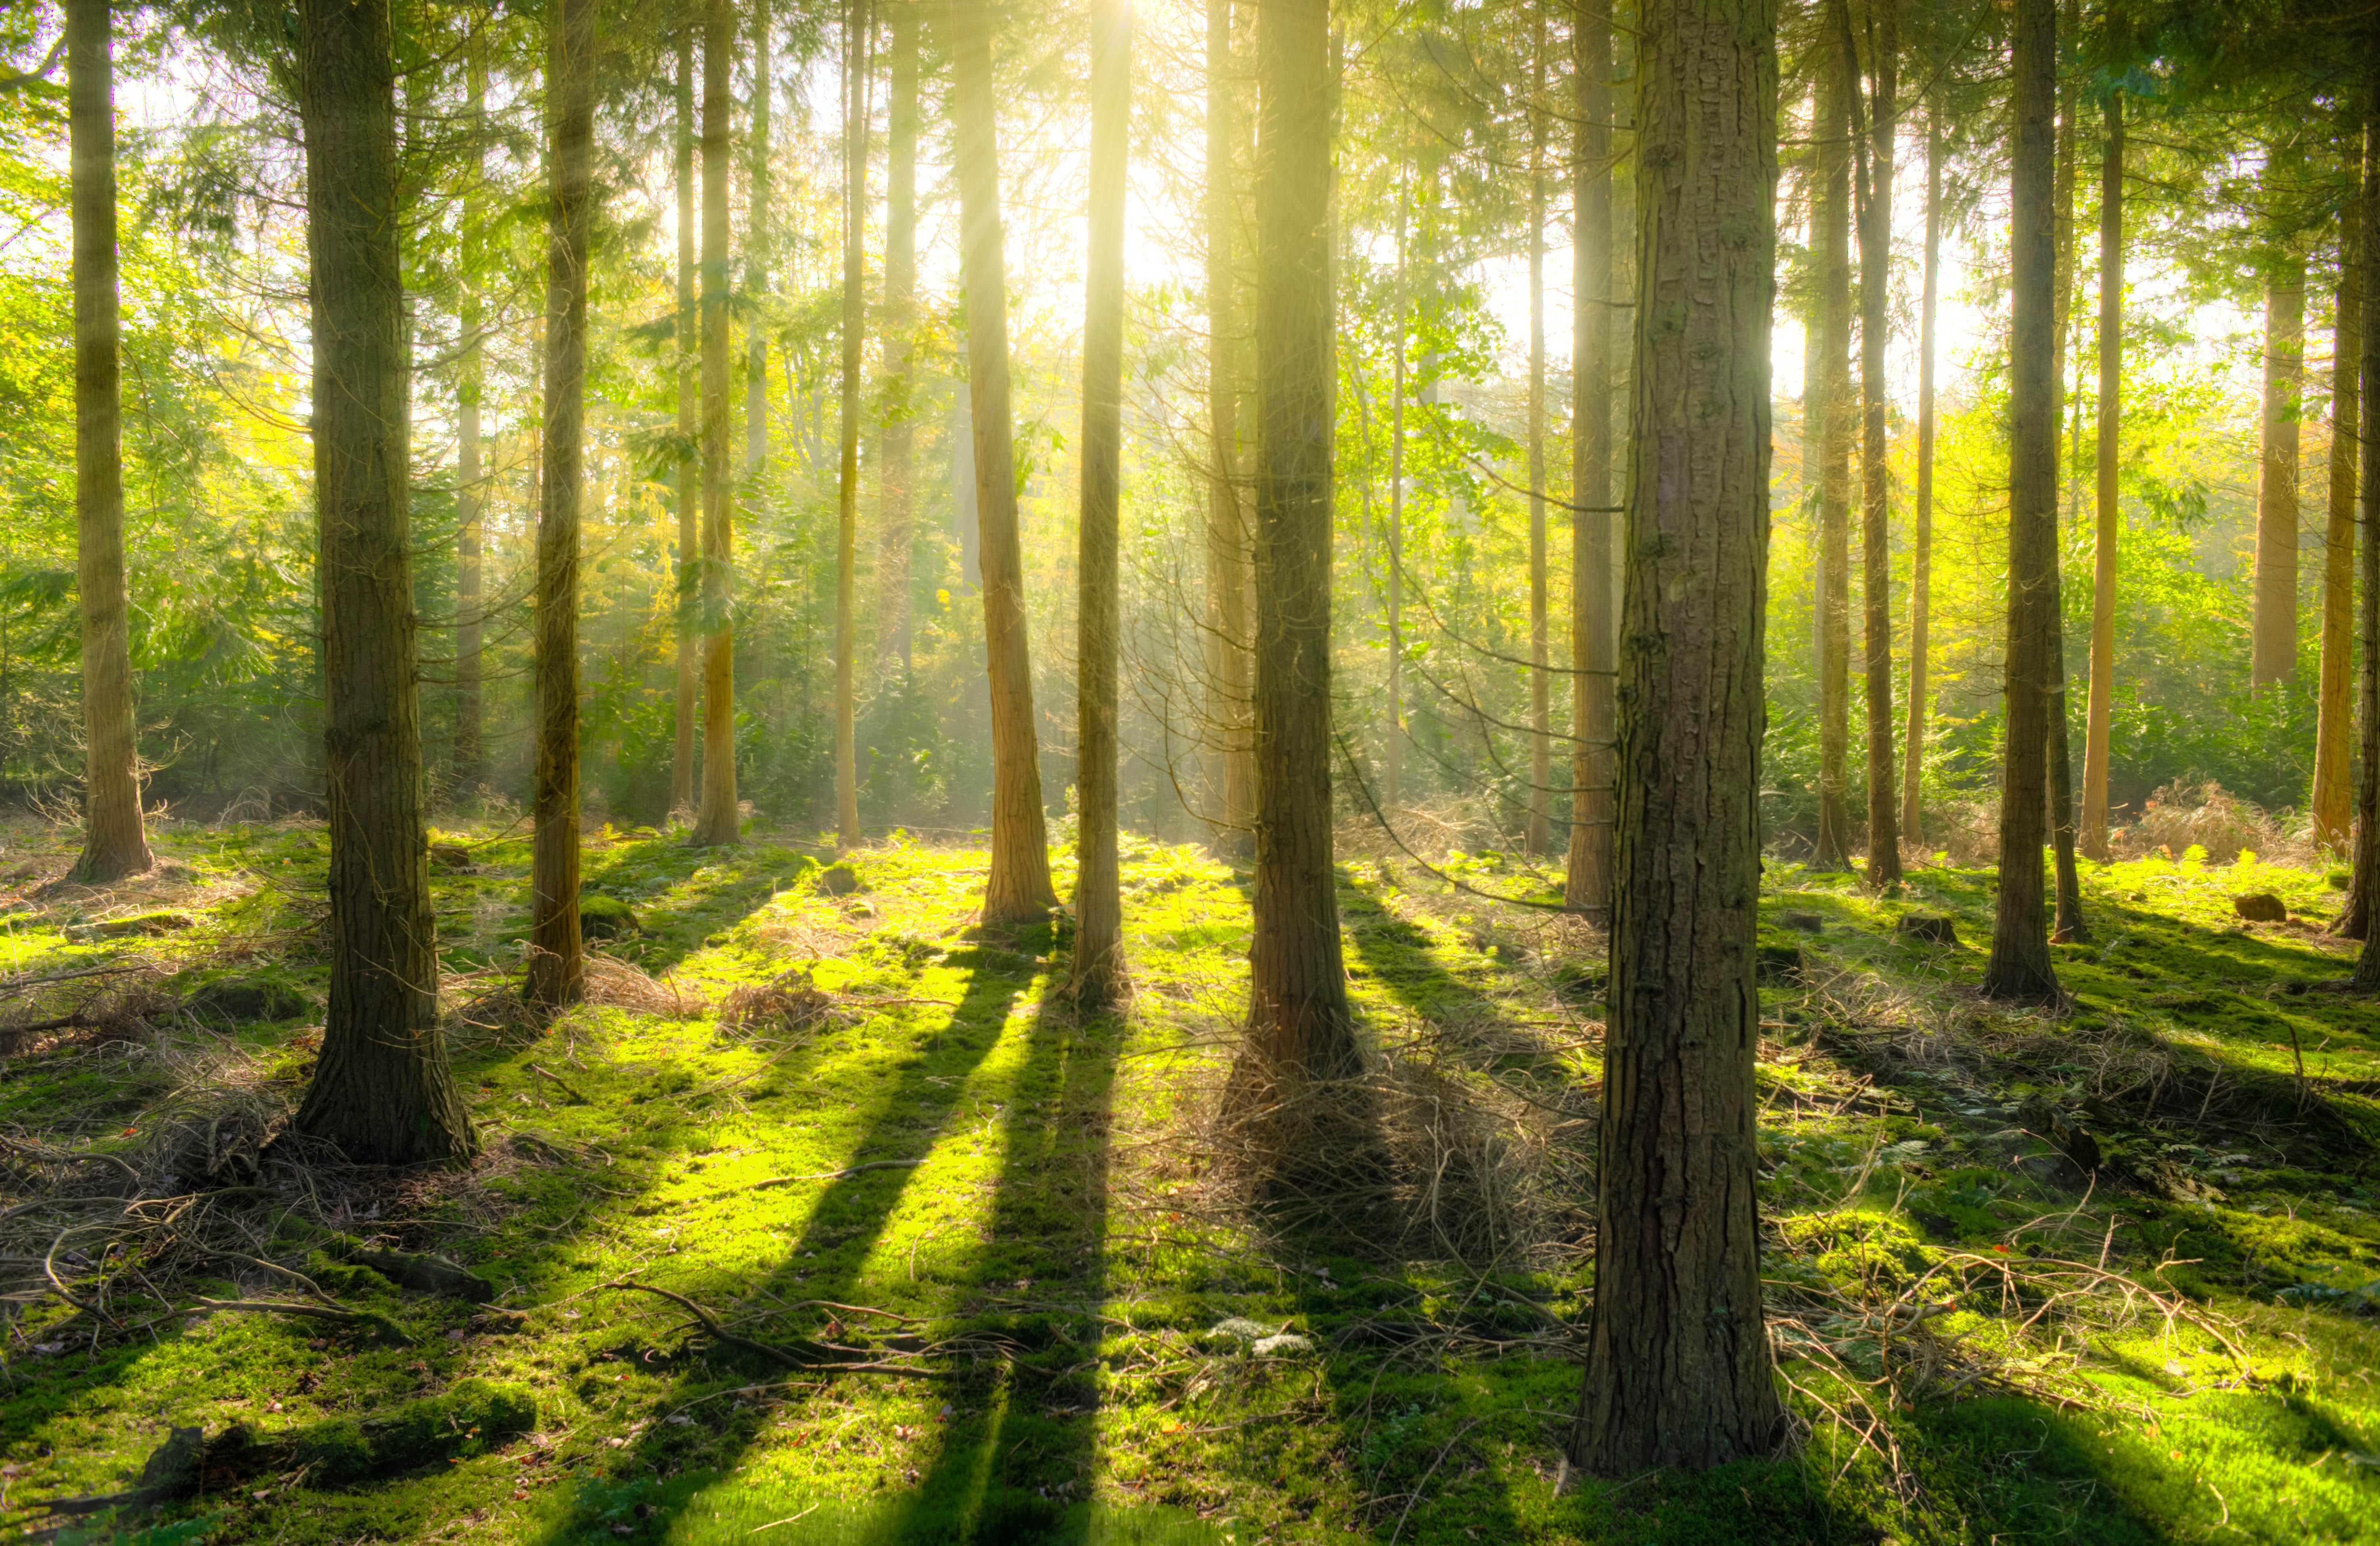 Une balade en forêt aurait des effets bénéfiques sur notre organisme - (c) pexel